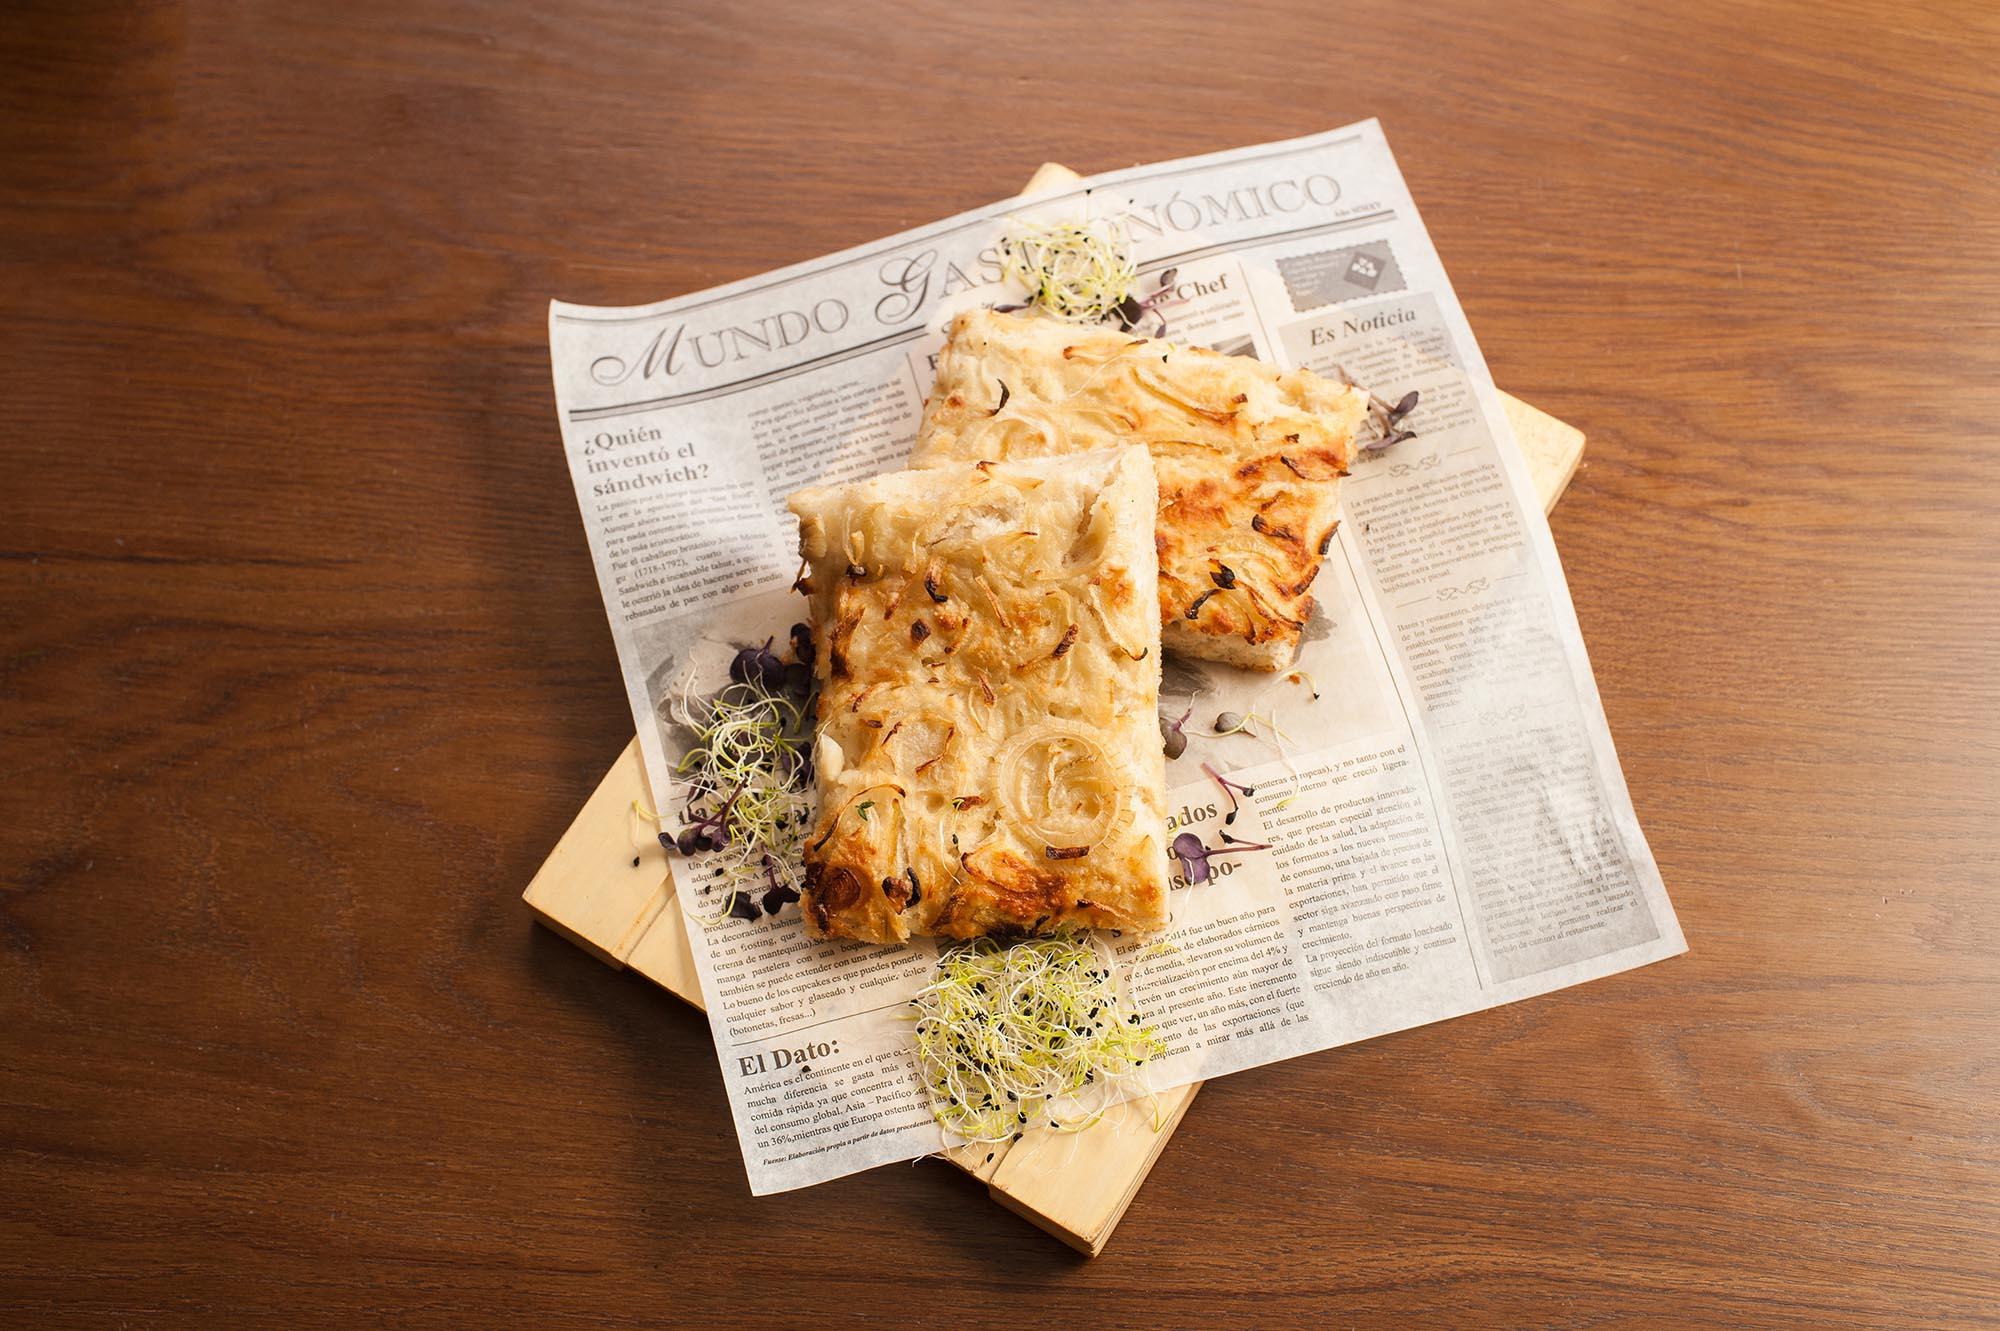 Focaccia de cebolla elaborada por Benfood